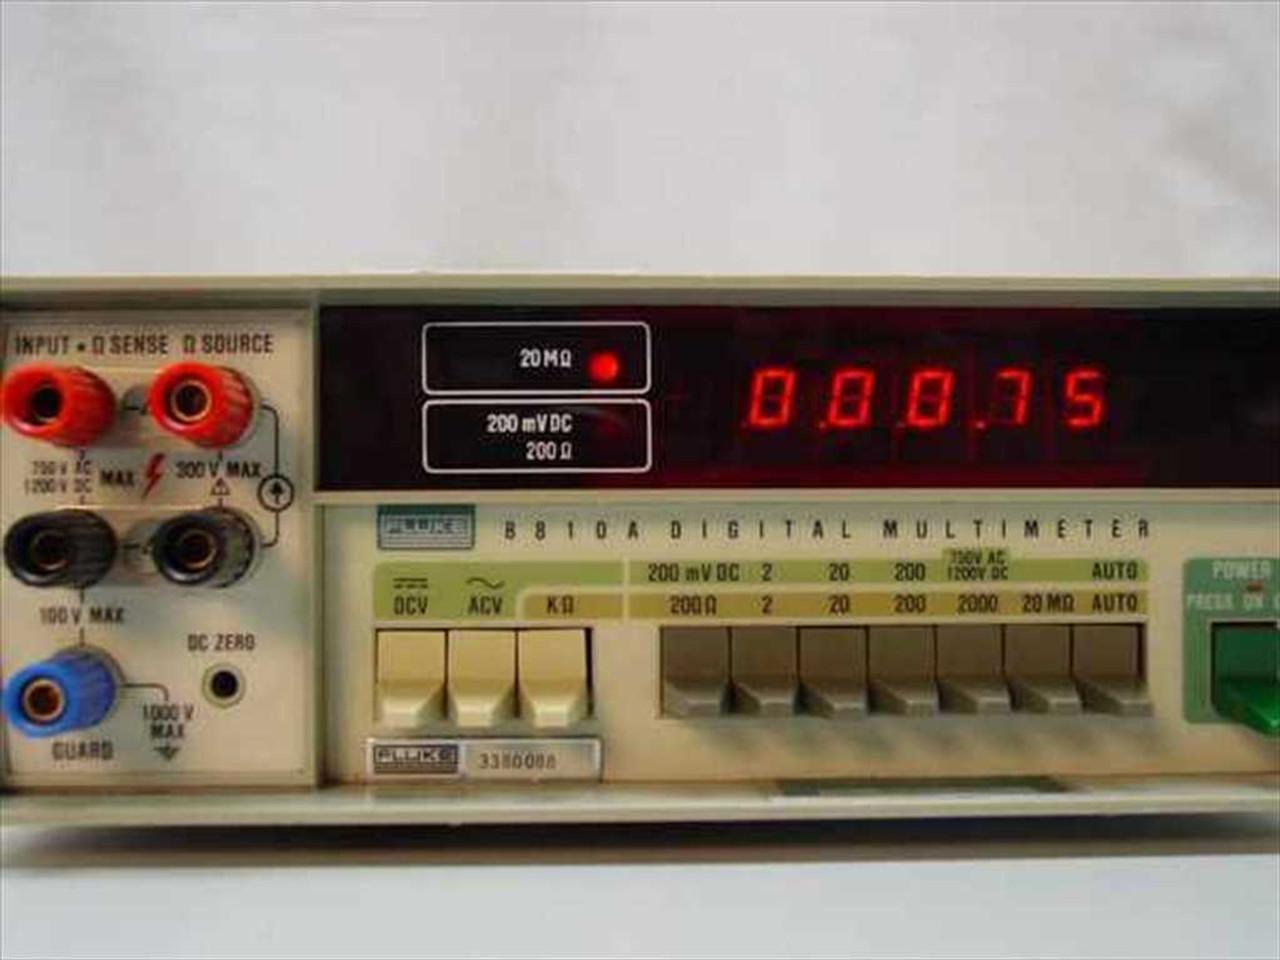 Fluke 8810A Digital Multimeter